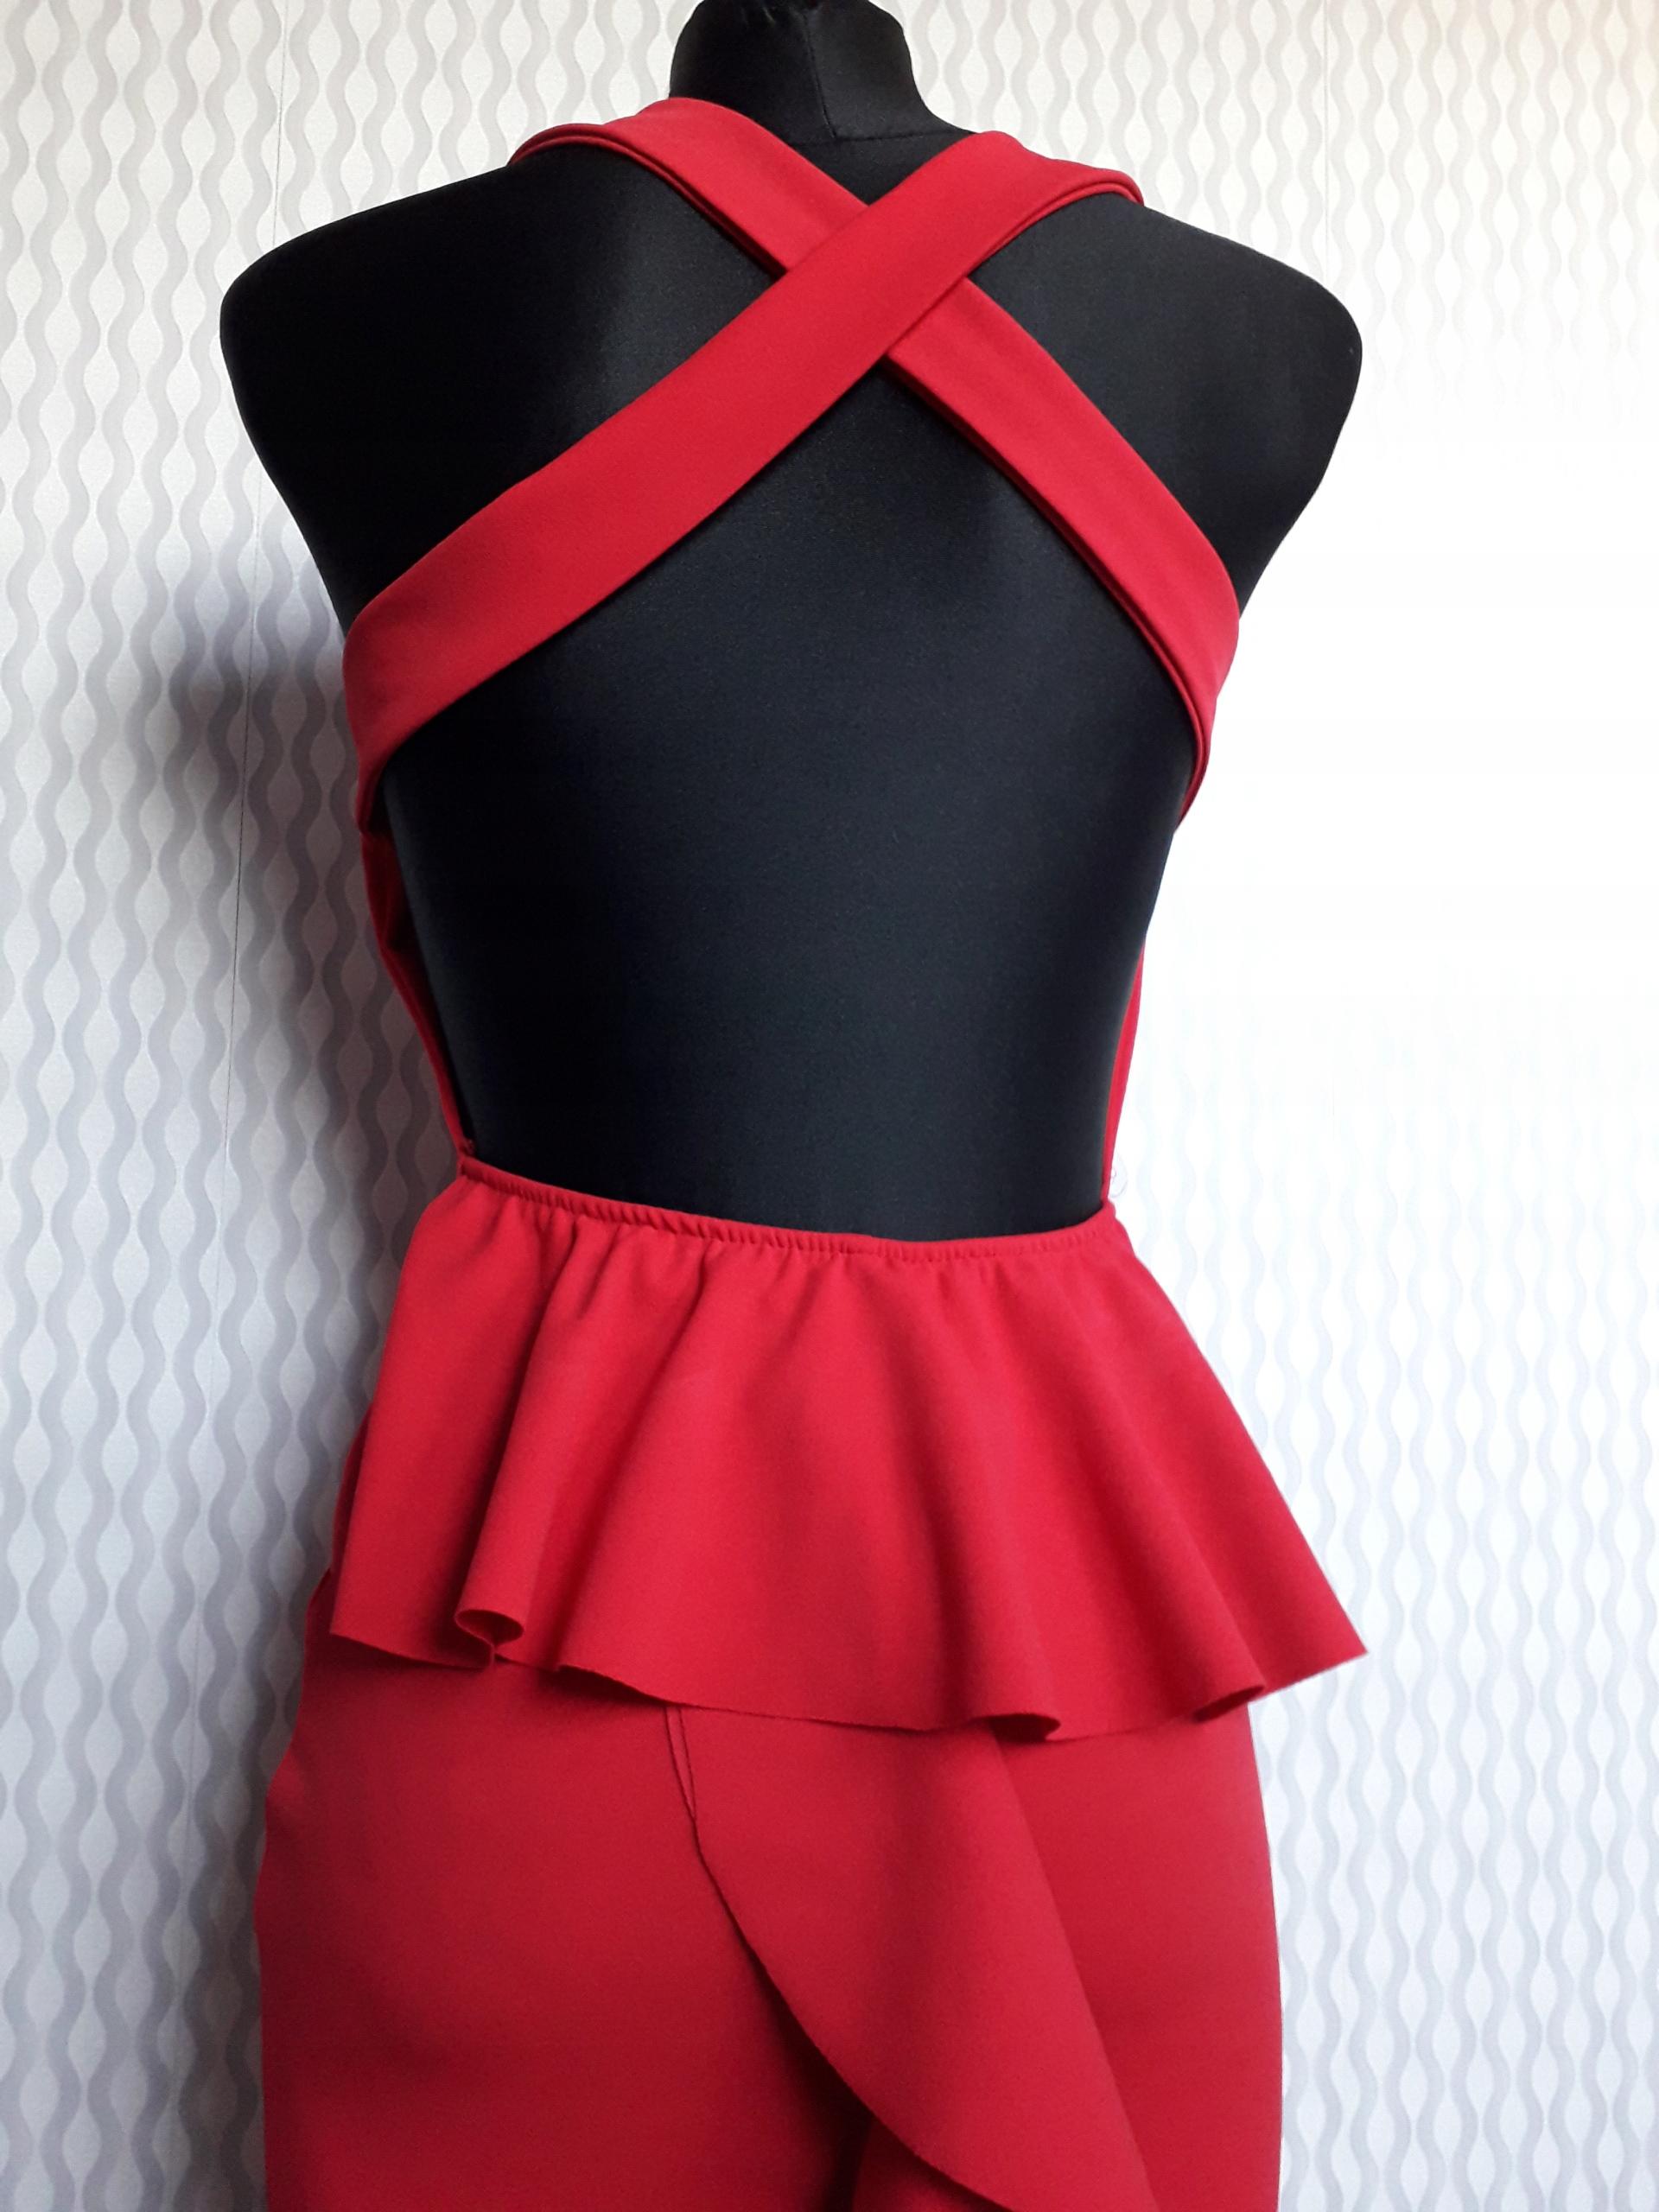 52cec0a25d Sukienka syrena czerwonA sklep chicaca rybnik - 7803627492 ...